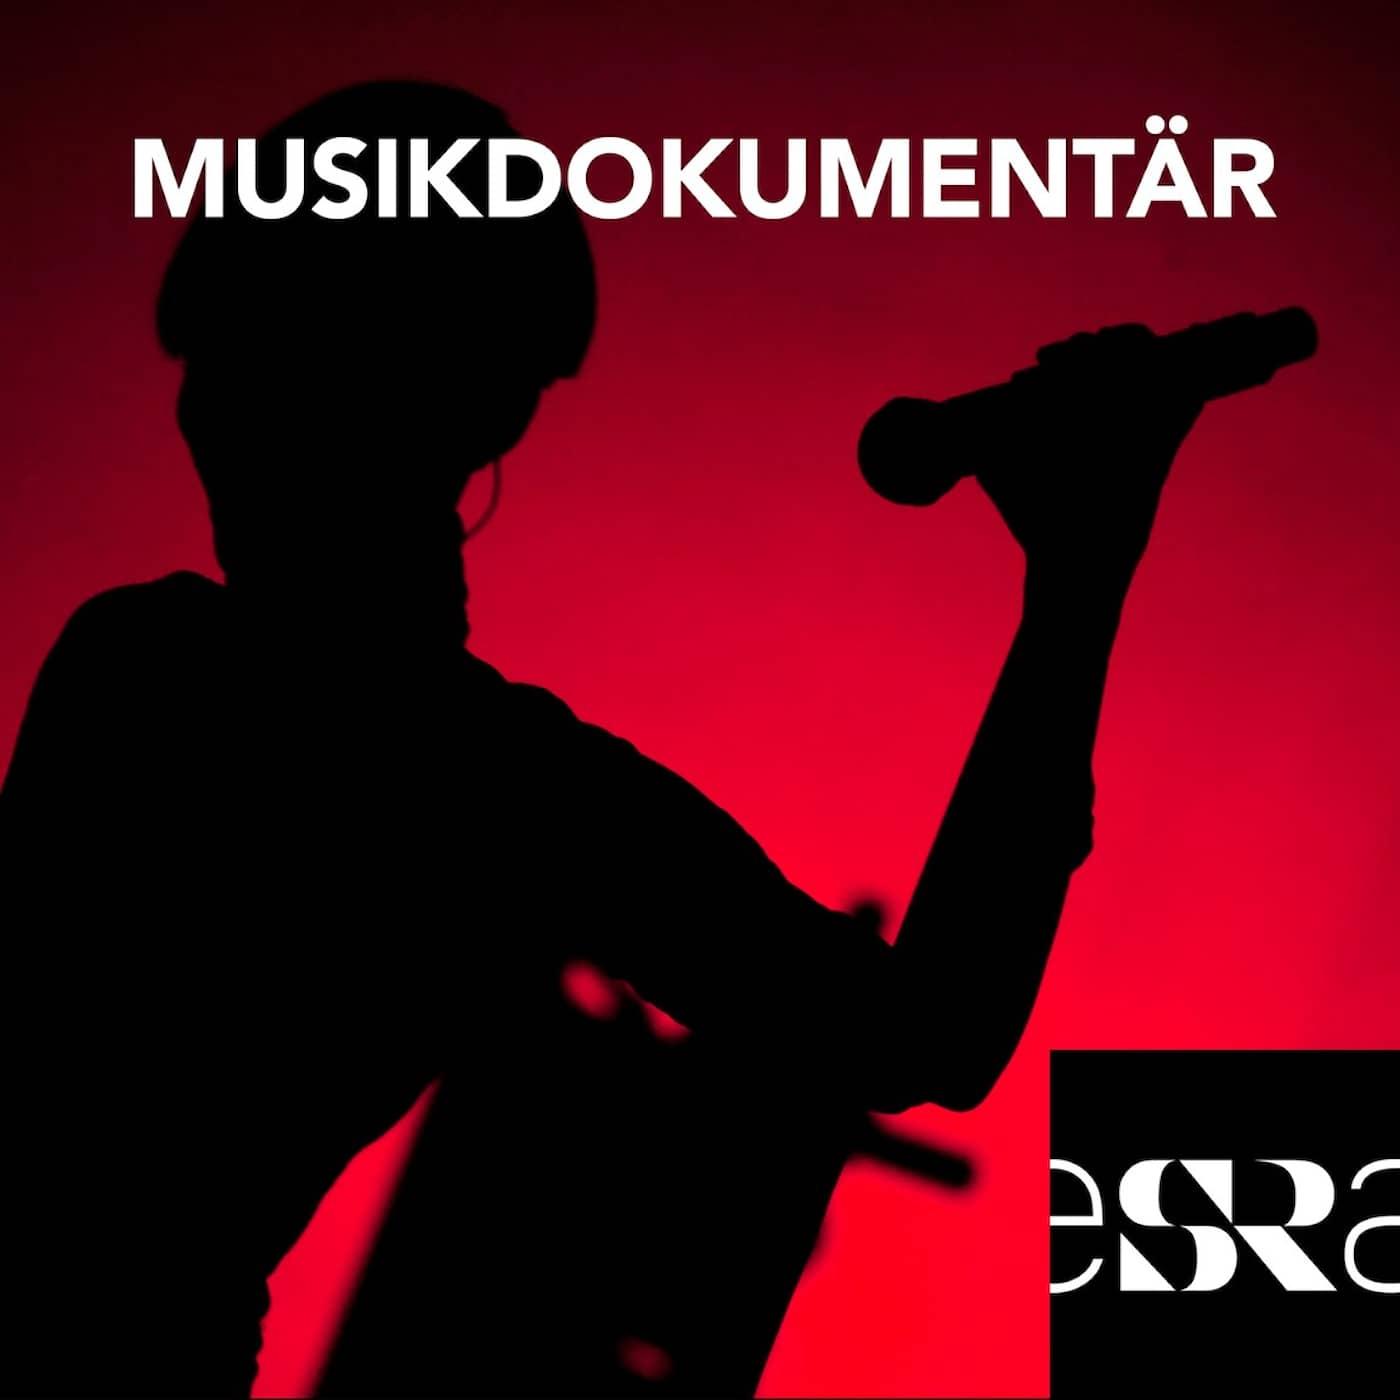 Musikdokumentär